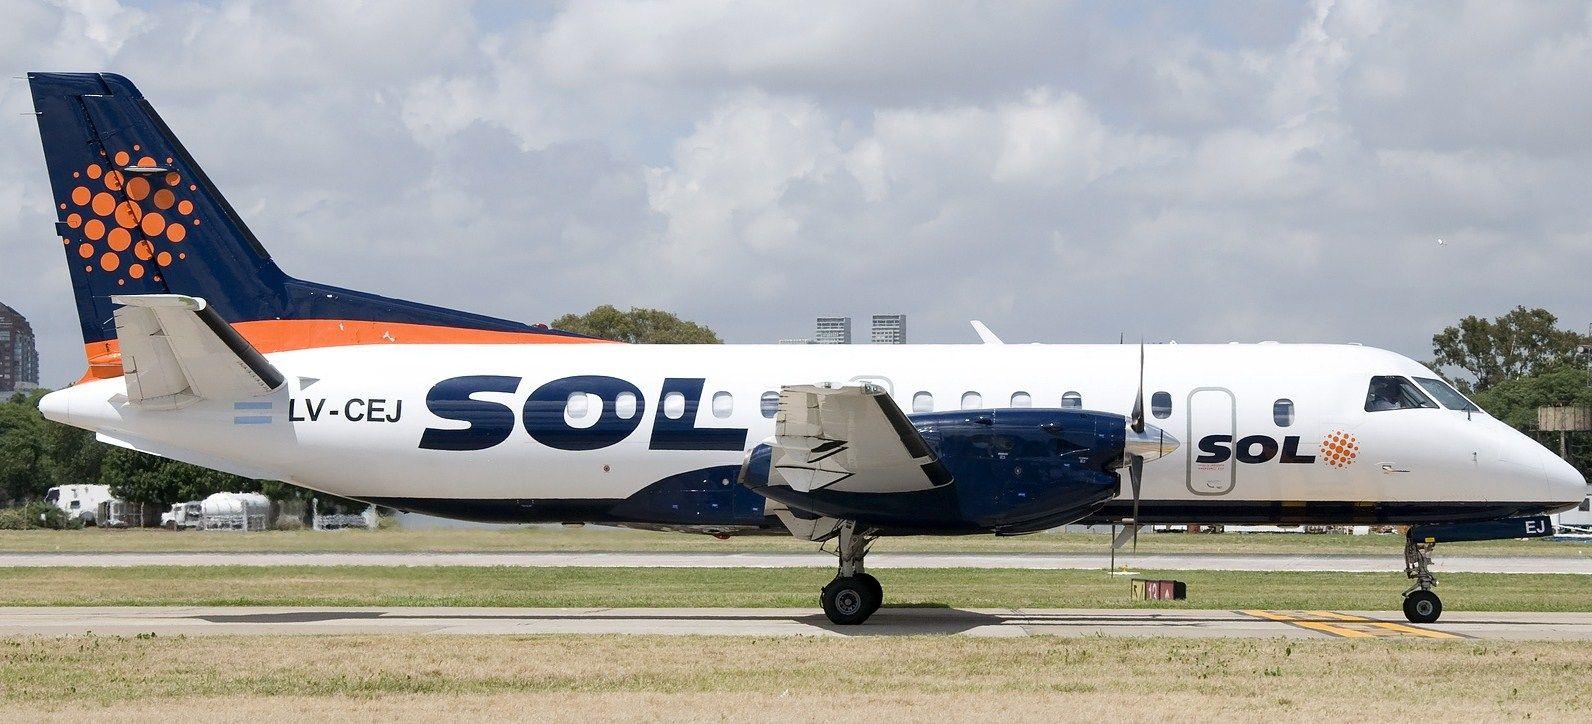 La aerolínea Sol oficializará su cierre este miércoles